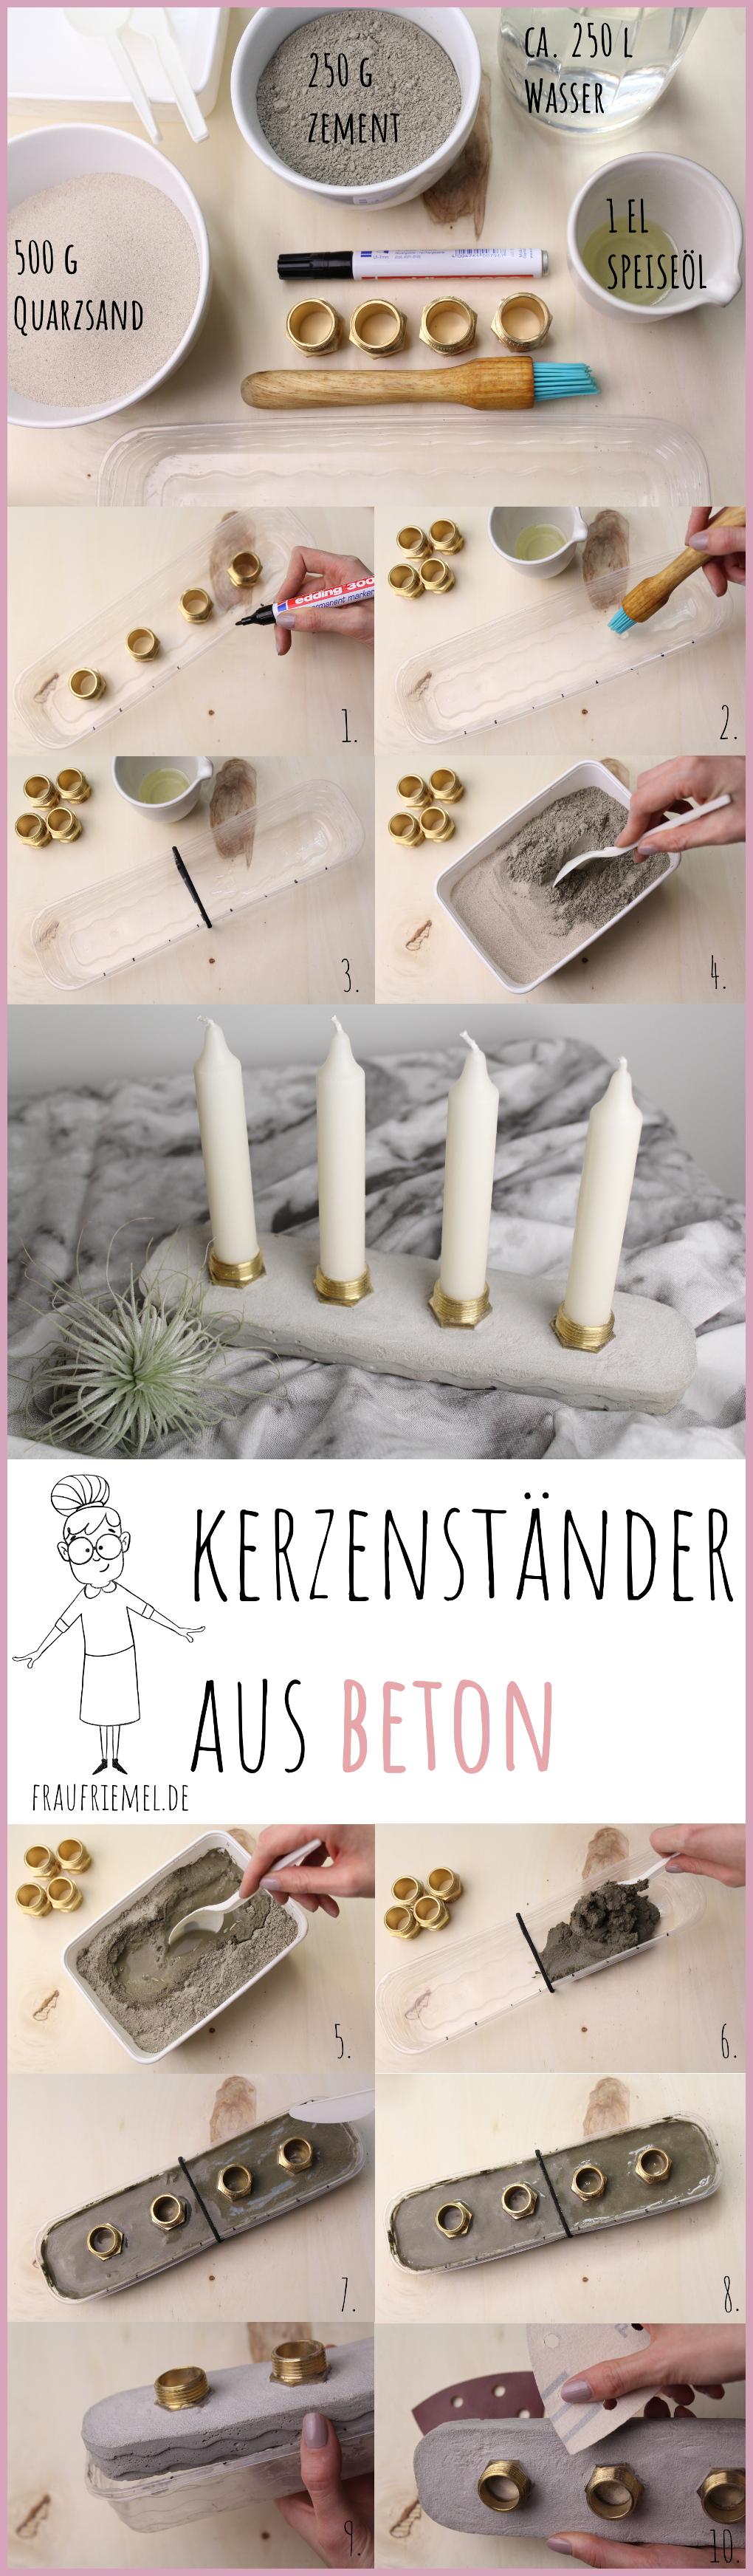 Anleitung für Beton Kerzenständer von frau friemel